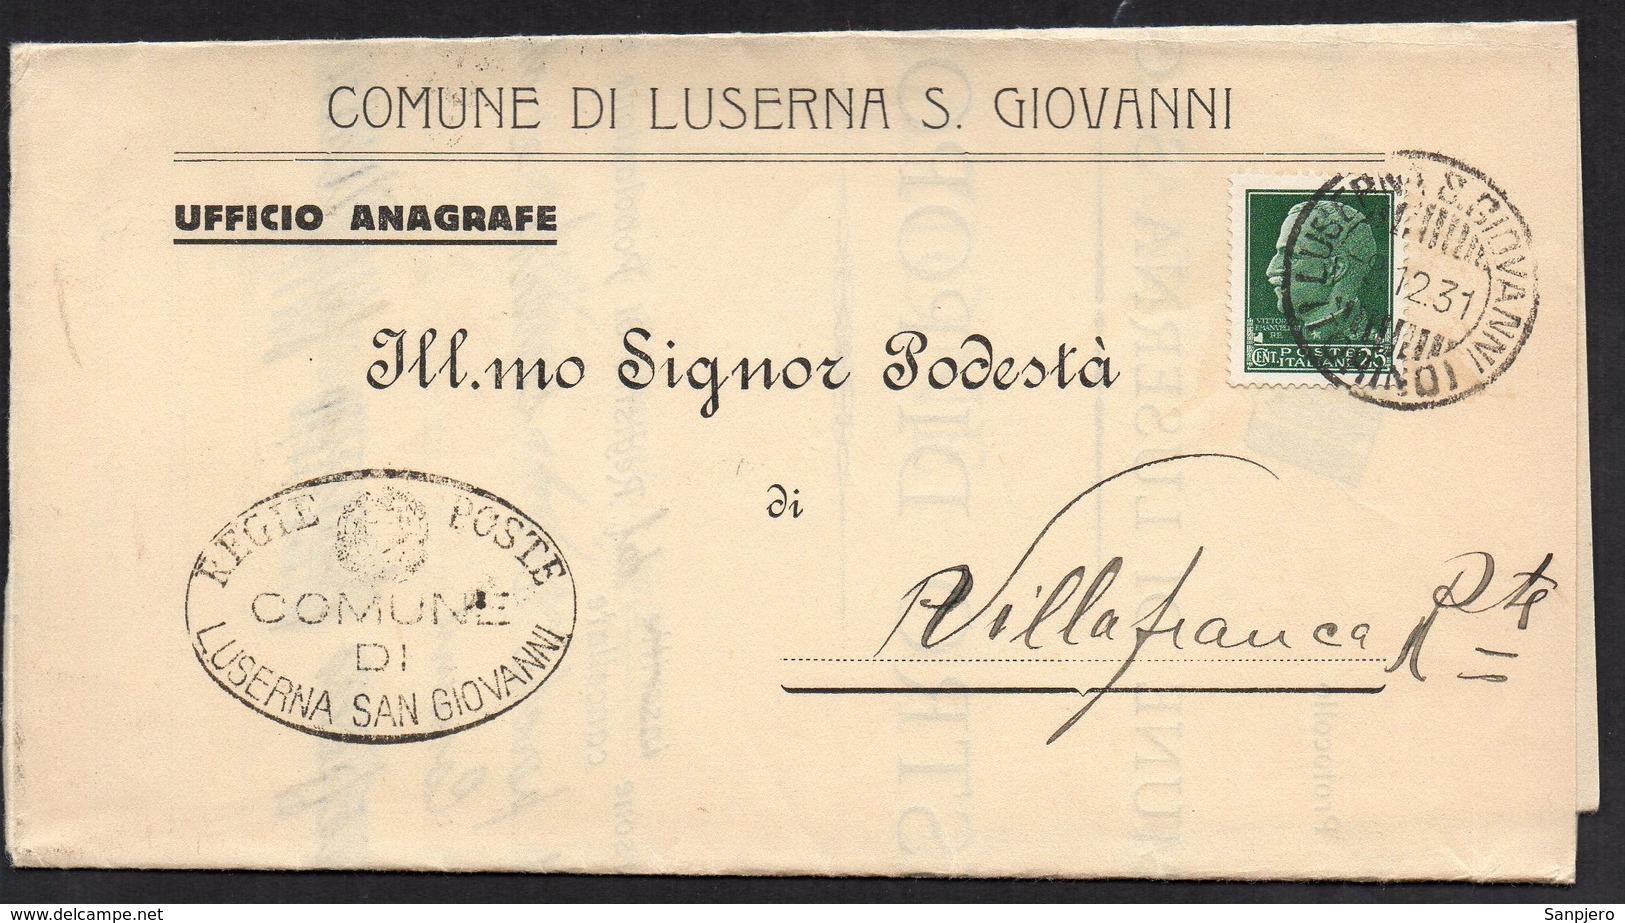 ITALY ITALIA ITALIEN 1931. Postal History Envelope Use By The Municipality LUSERNA S. GIOVANNI VILLAFRANCA - Vari